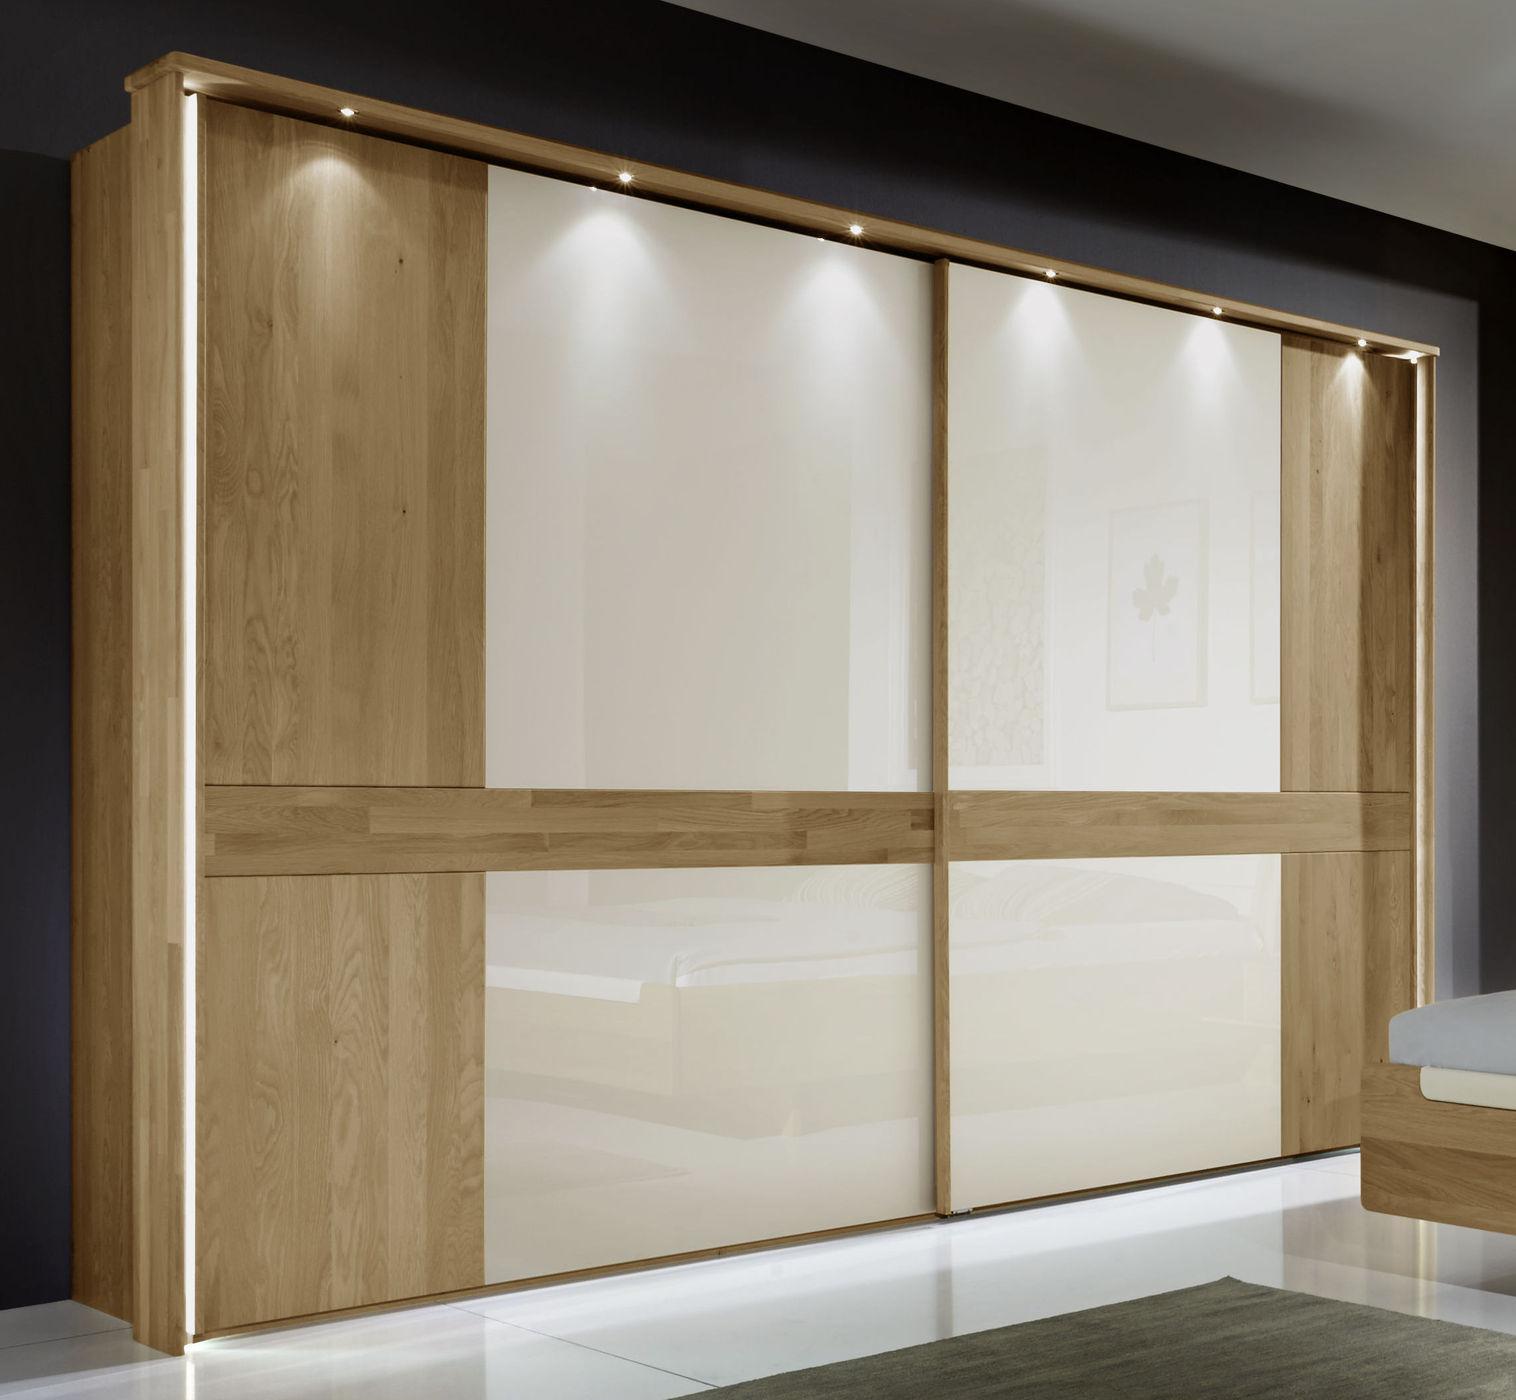 Schiebetüren-Kleiderschrank Eiche massiv mit Glasfläche - Bokaro